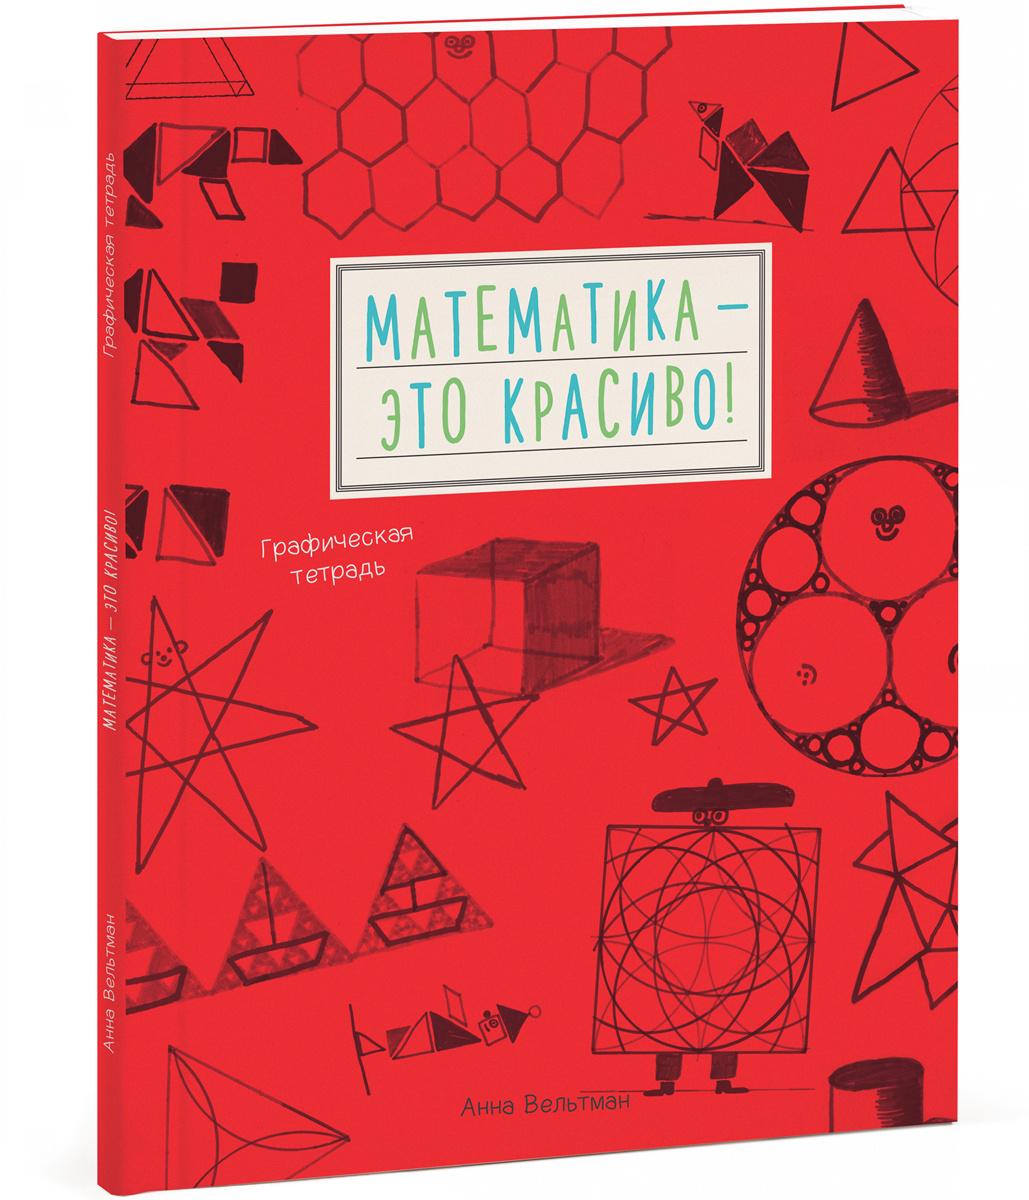 Математика - это красиво! | Вельтман Анна #1